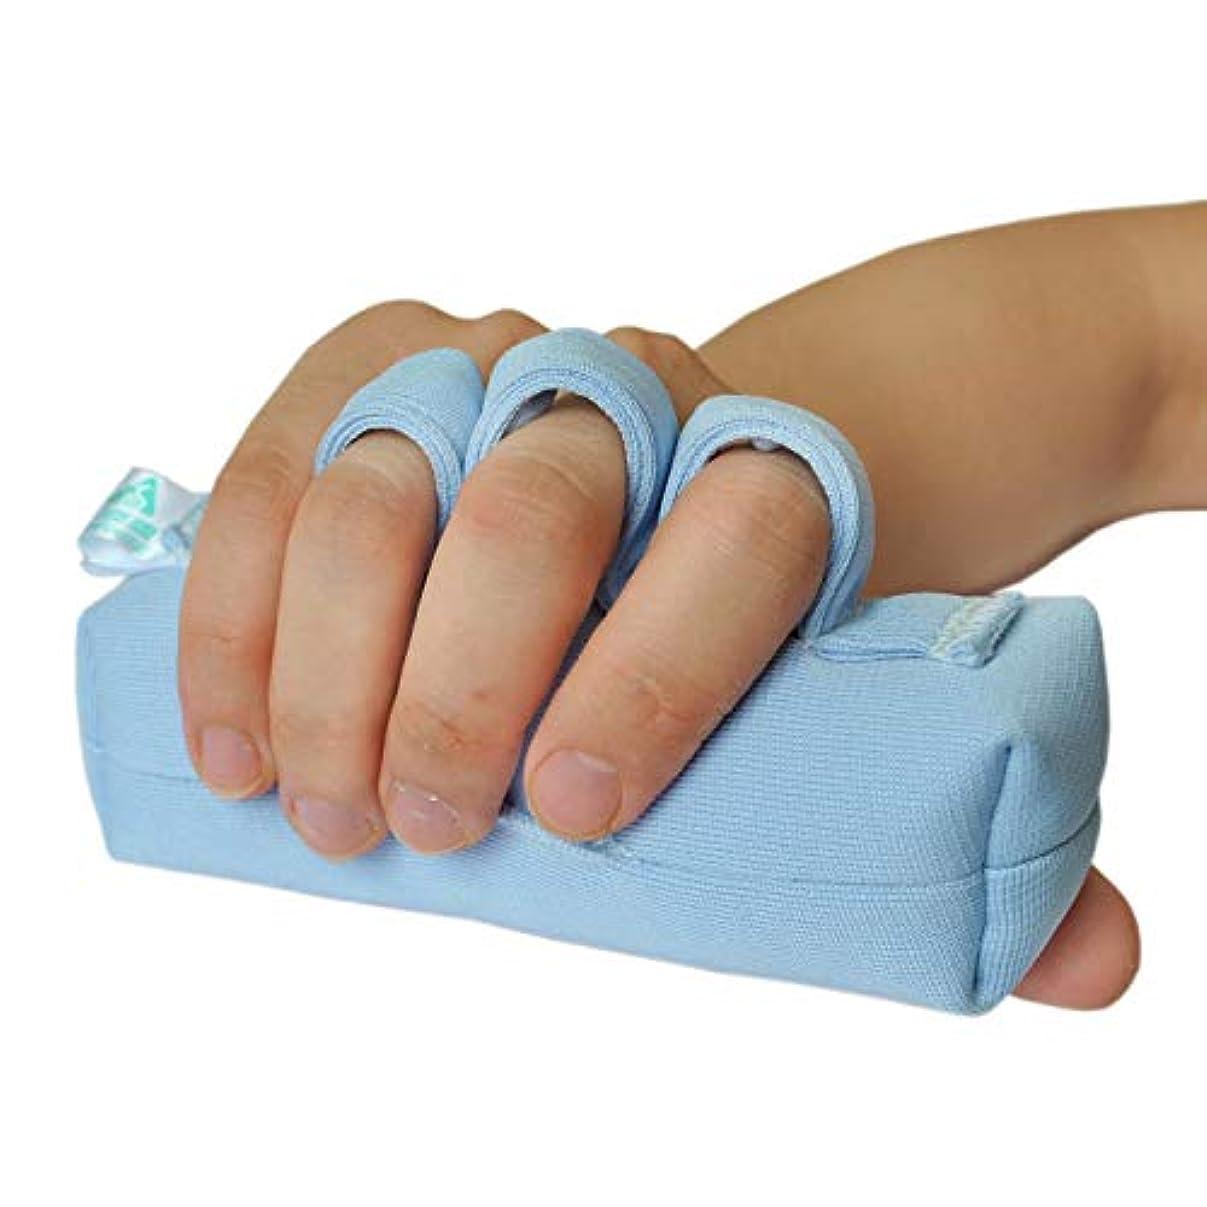 懲戒ダウン突っ込む右手または左手の手のひらプロテクター、手の包帯のサポート/術後のリハビリテーション/指の挫傷パッド/手のひらの指の分割バー/高齢者介護/涙防止ハンドスティック